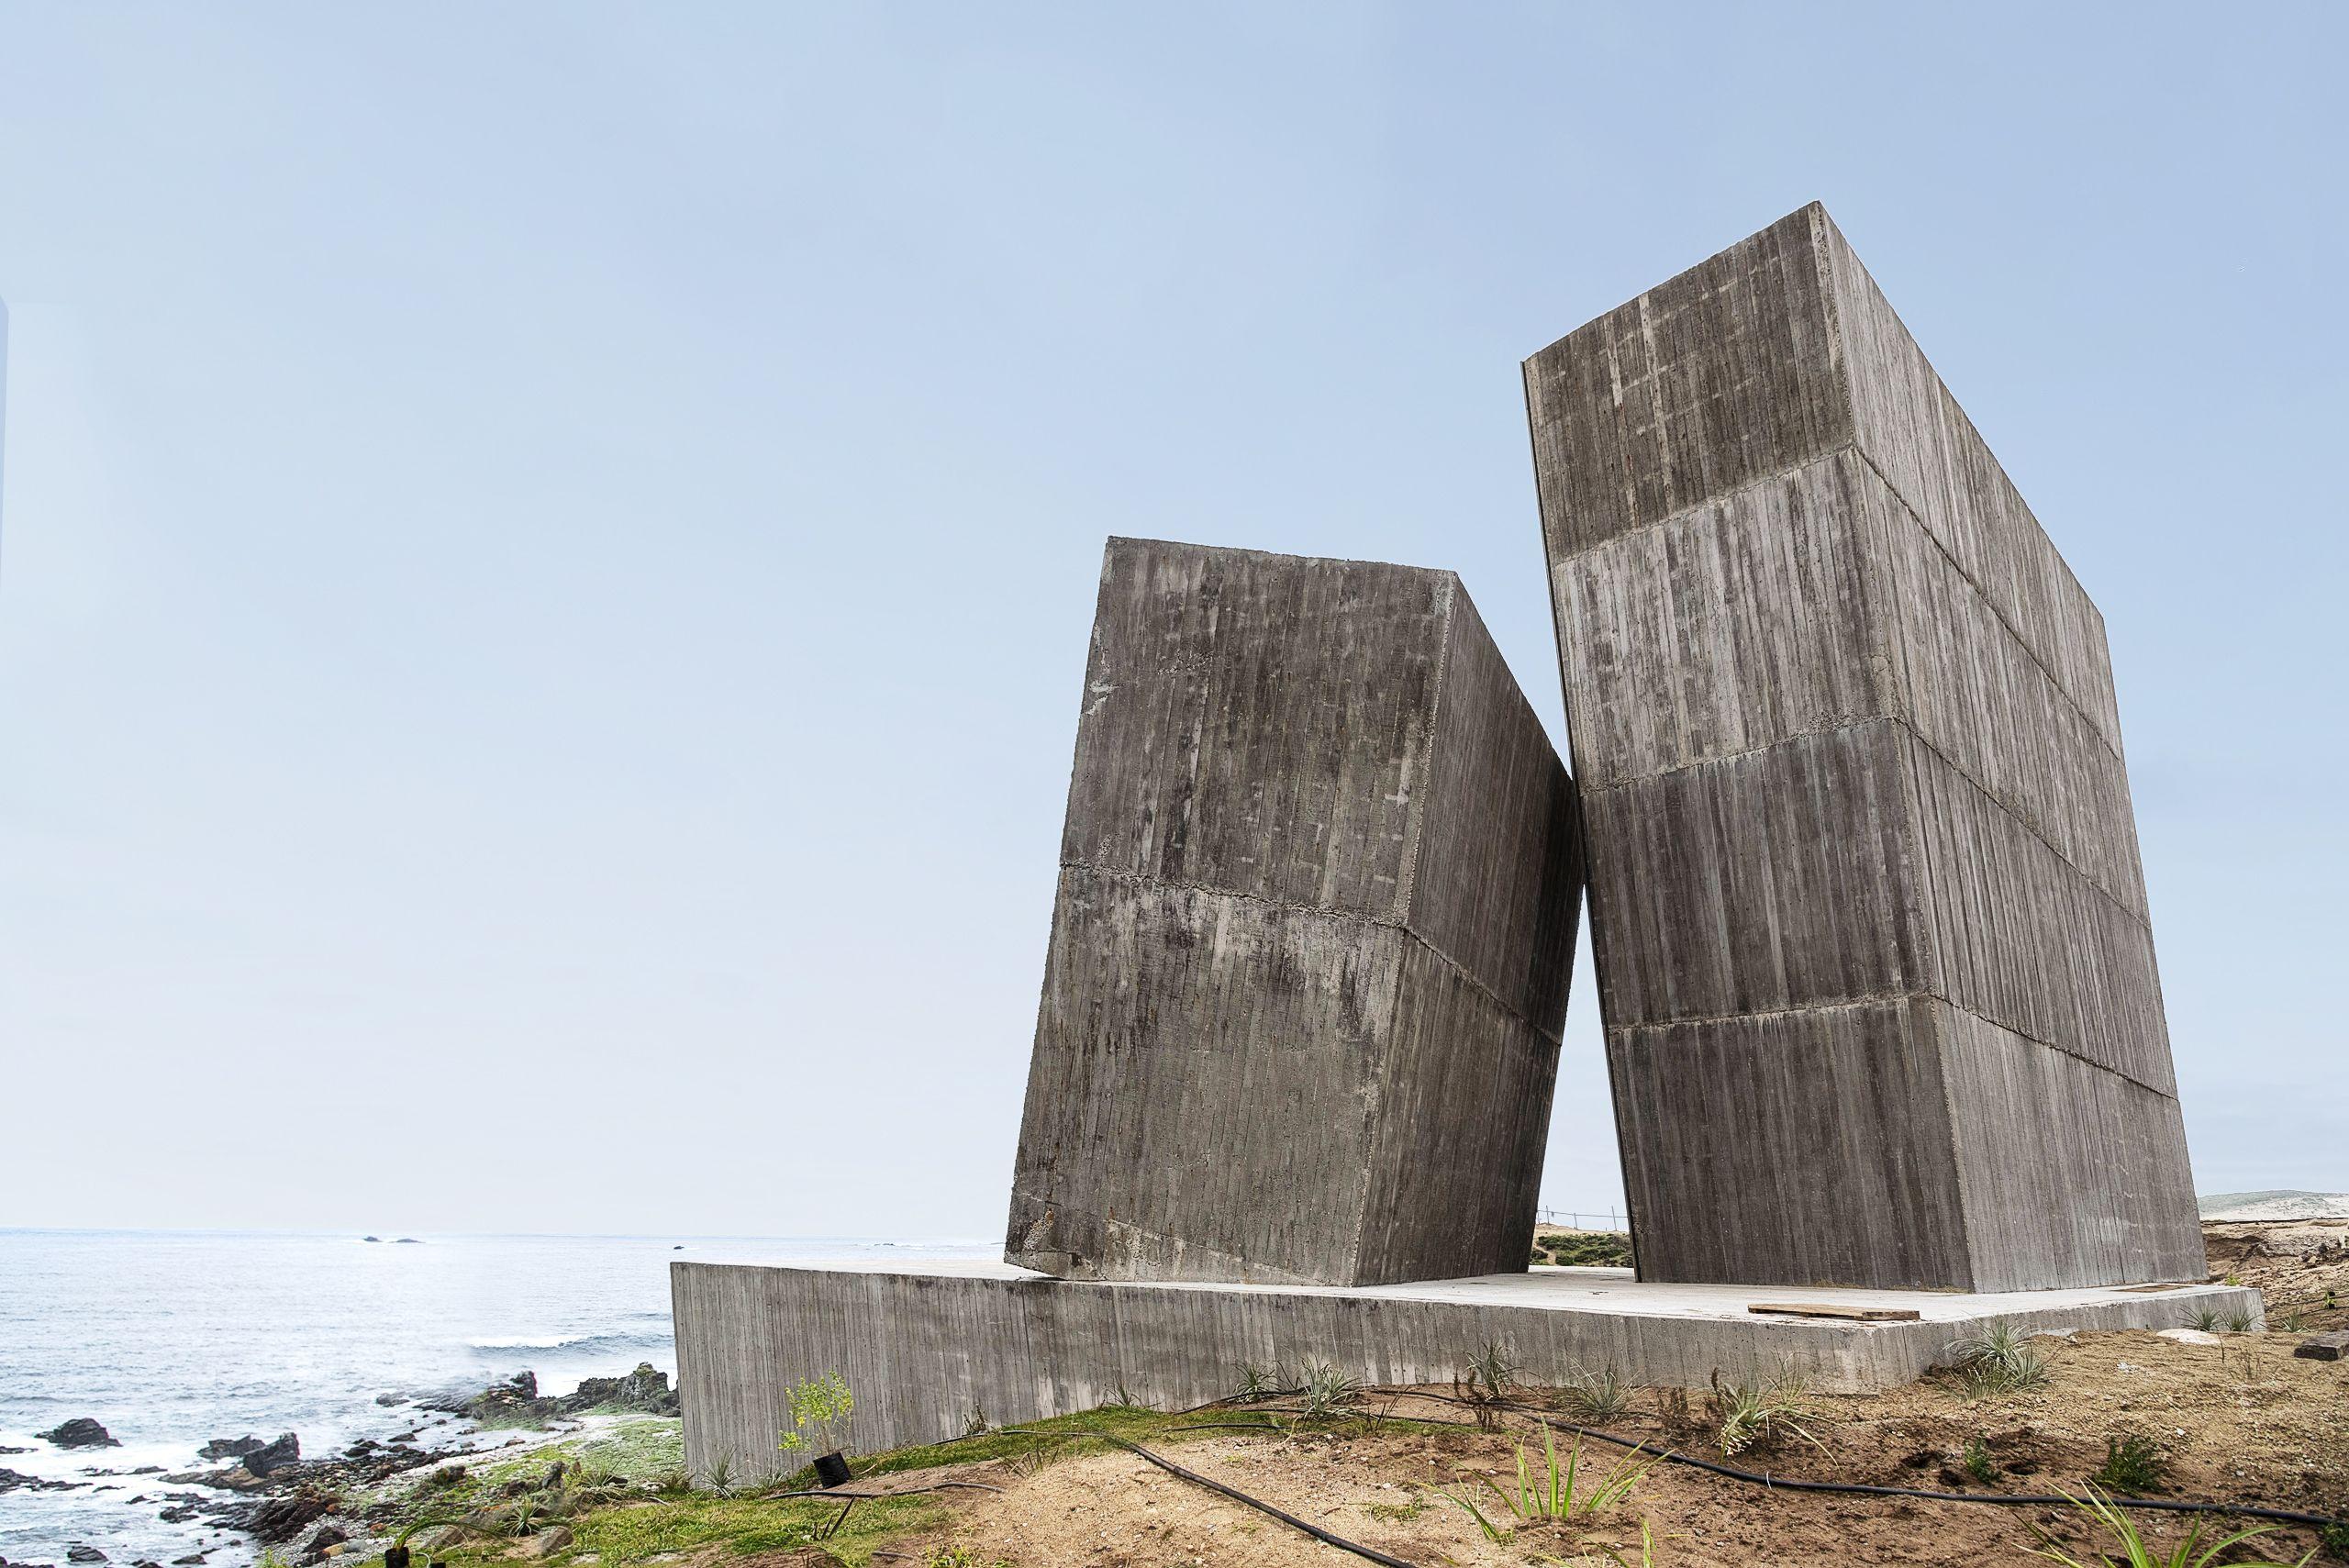 La mejor arquitectura brutalista de Instagram